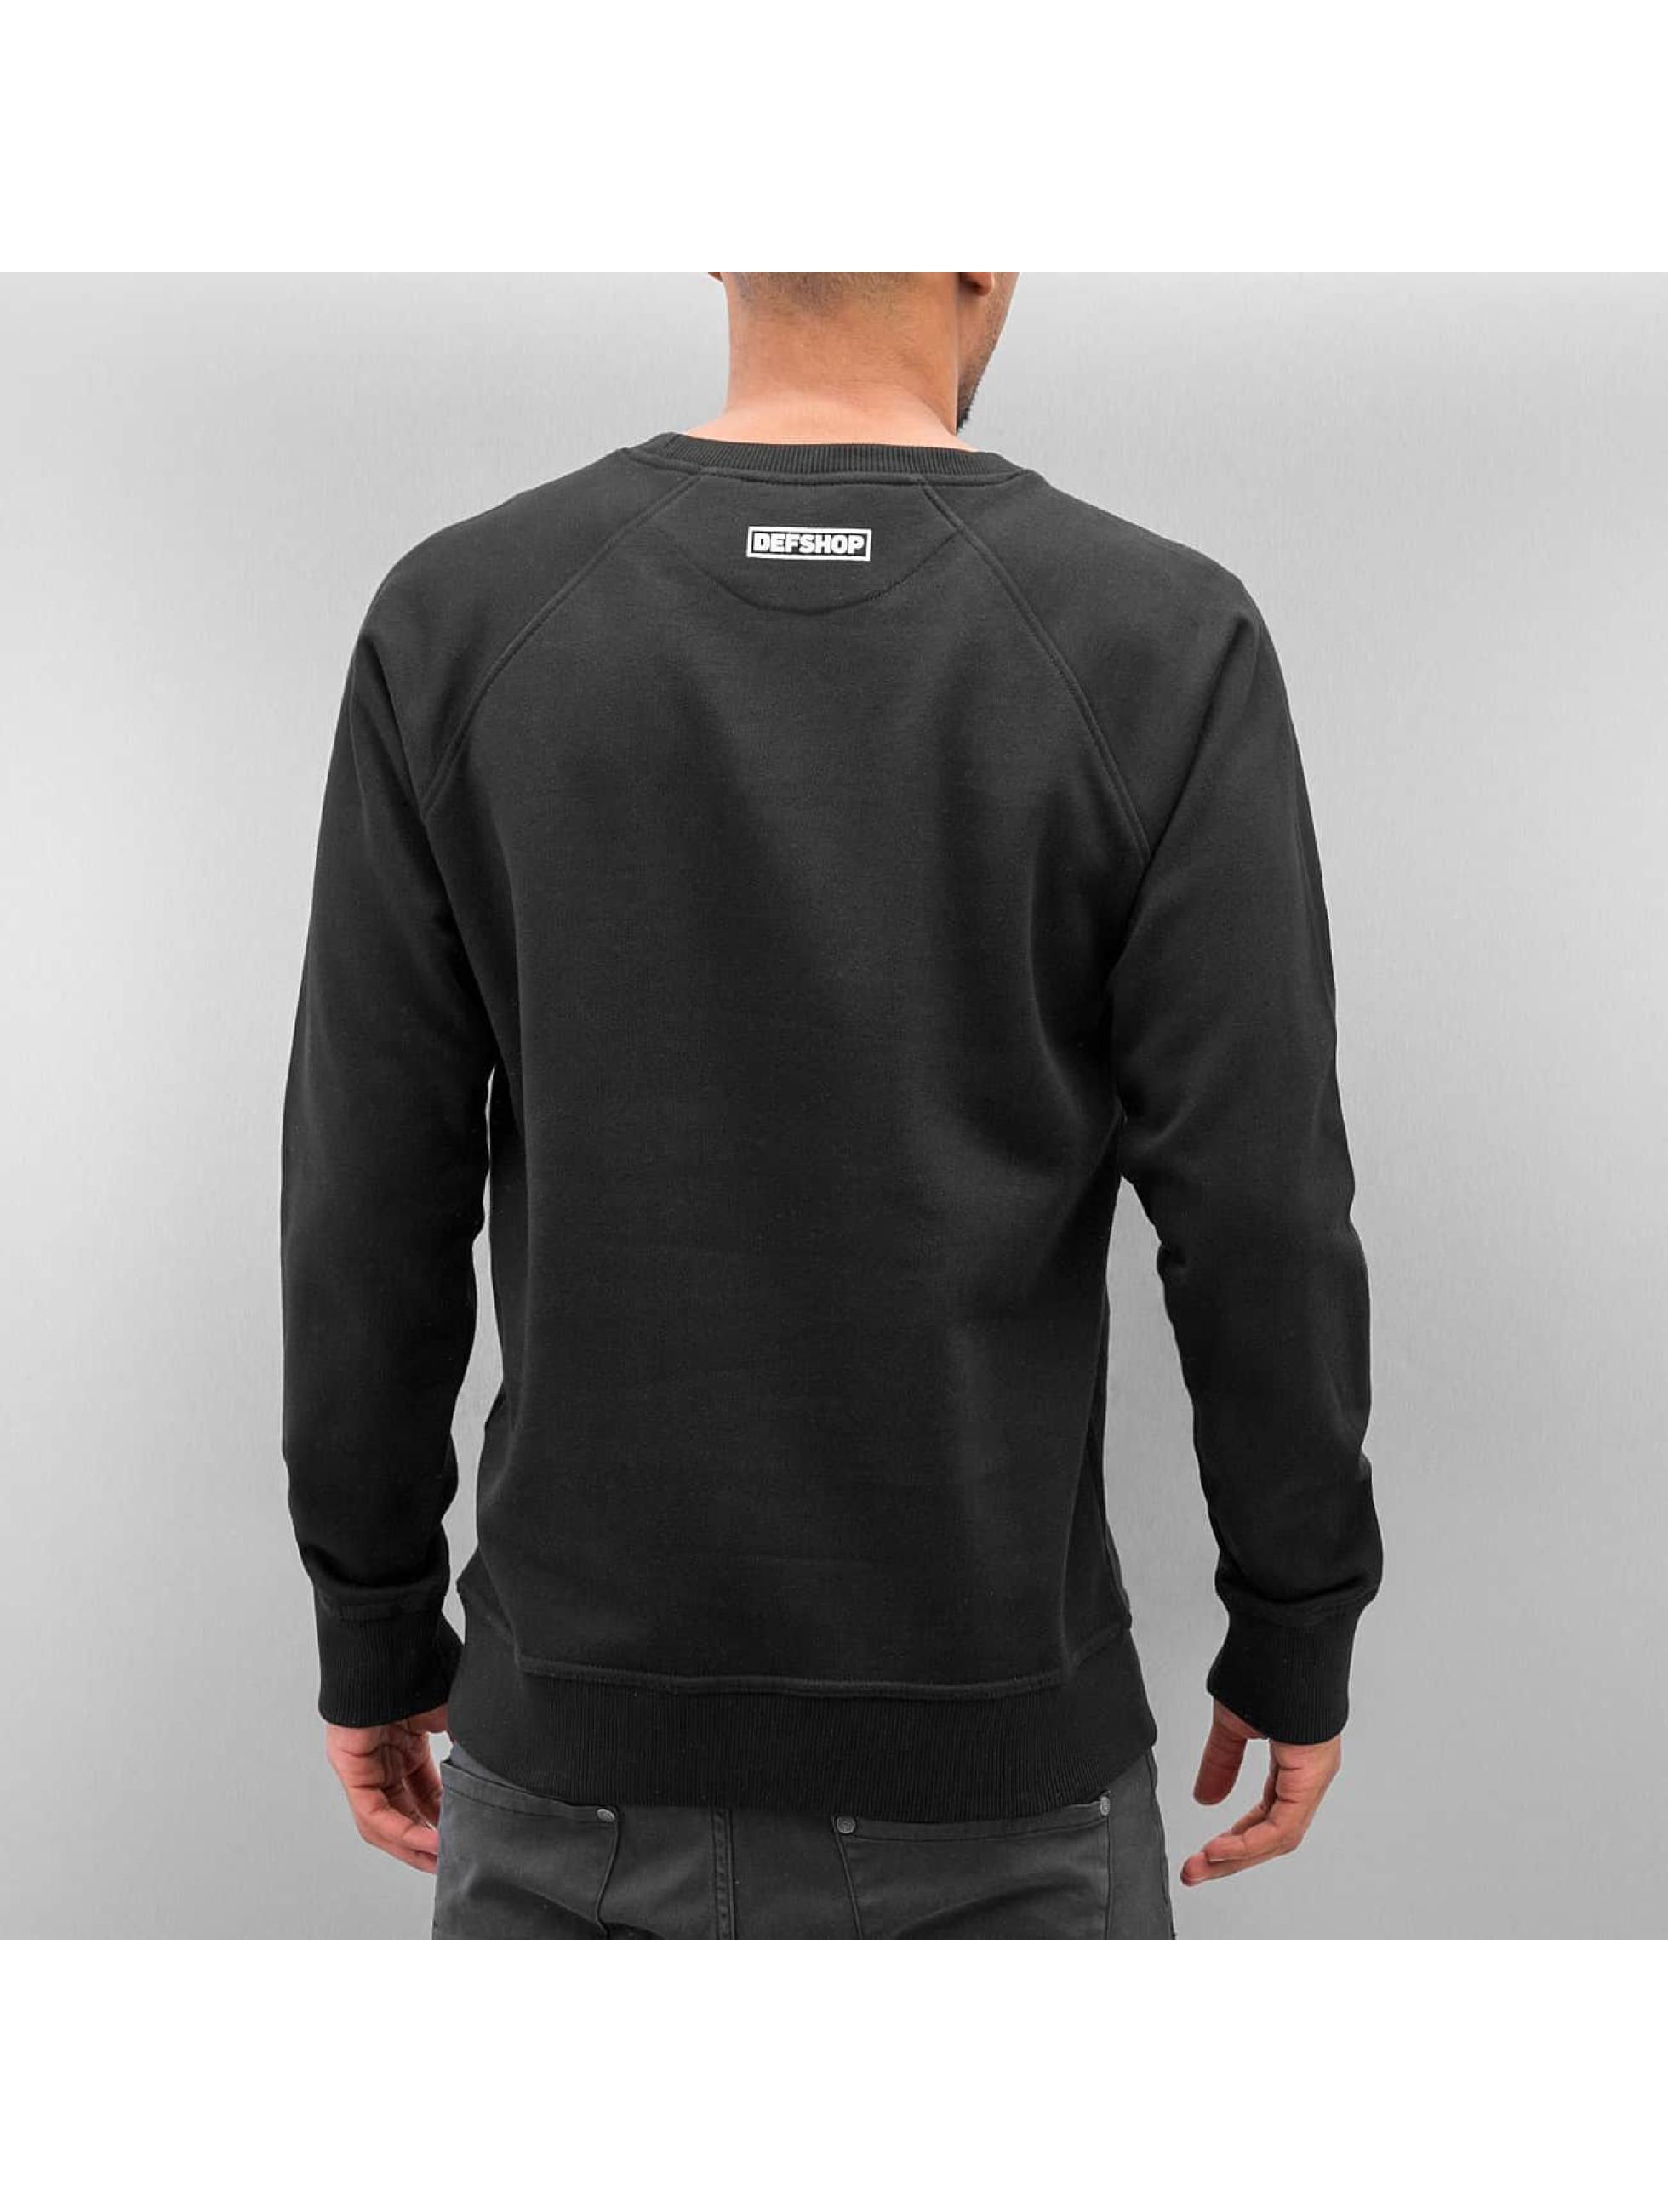 DefShop Swetry Logo czarny